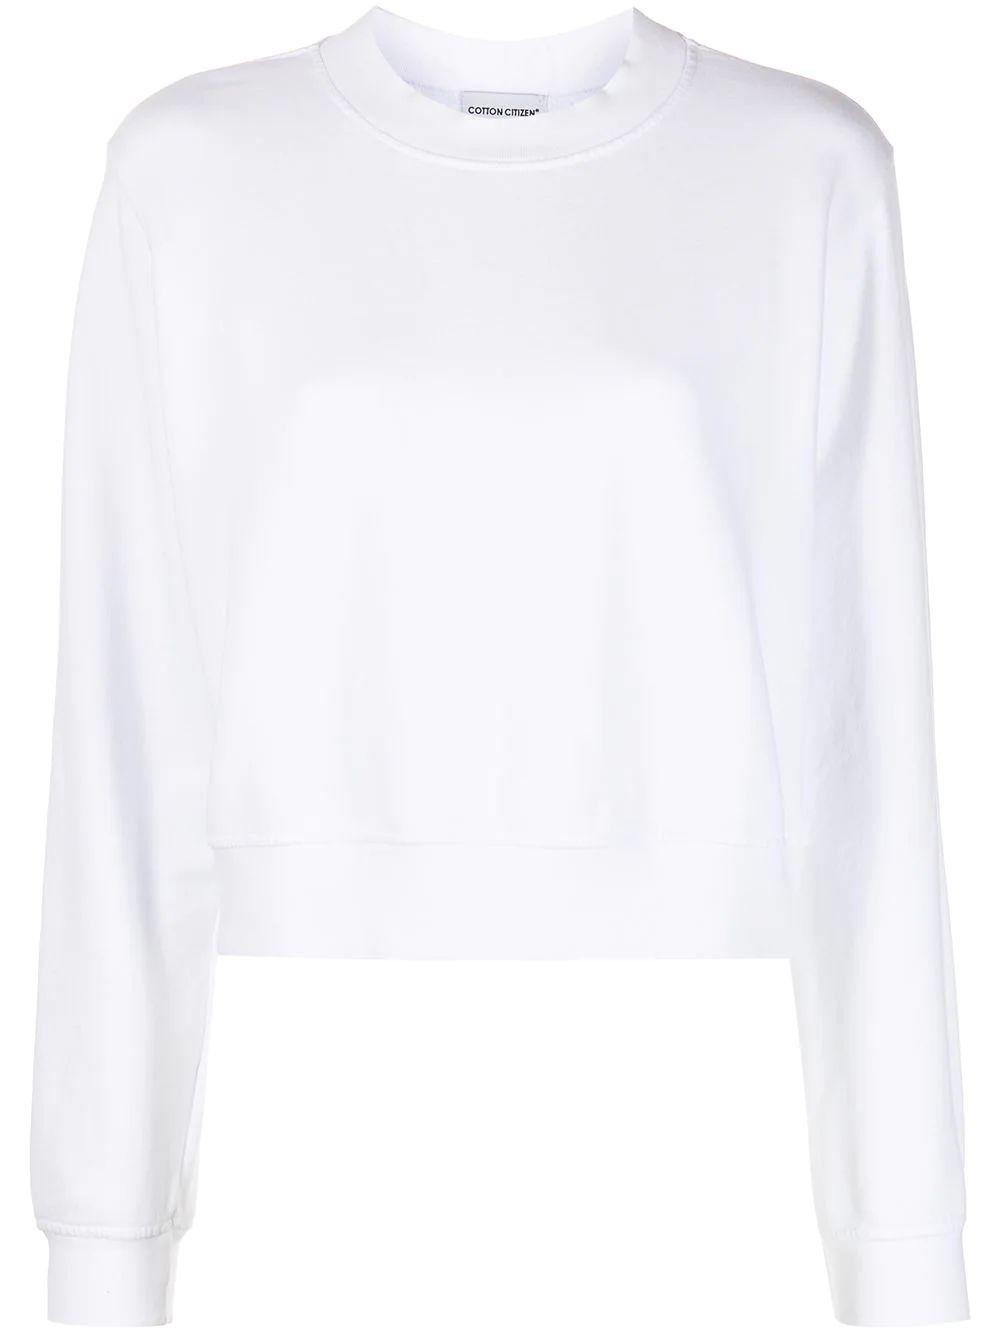 Milan Sweatshirt Item # W309261